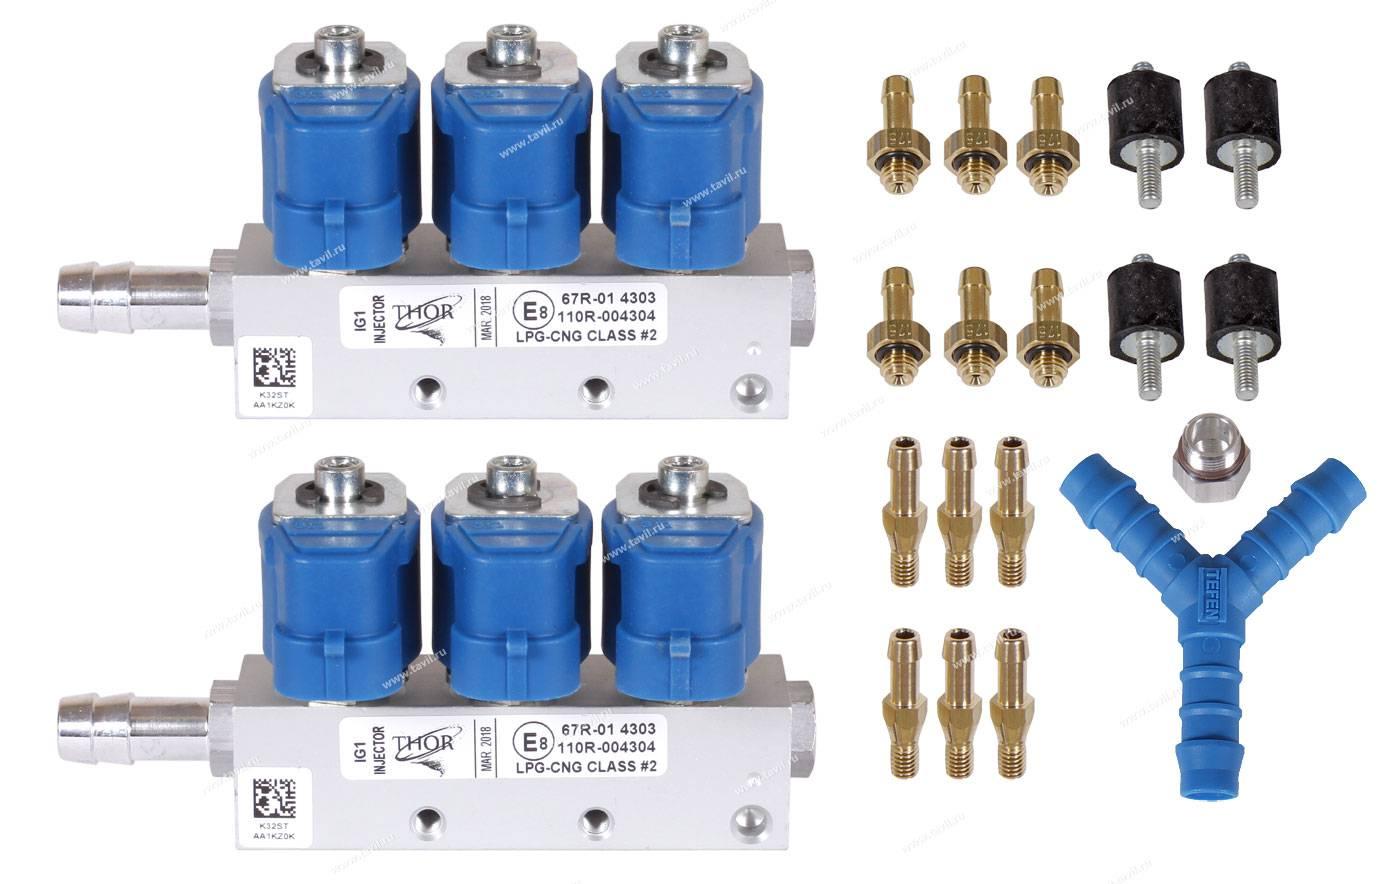 Ресурс газовых форсунок. как выбрать газовые форсунки? какие газовые форсунки лучше купить